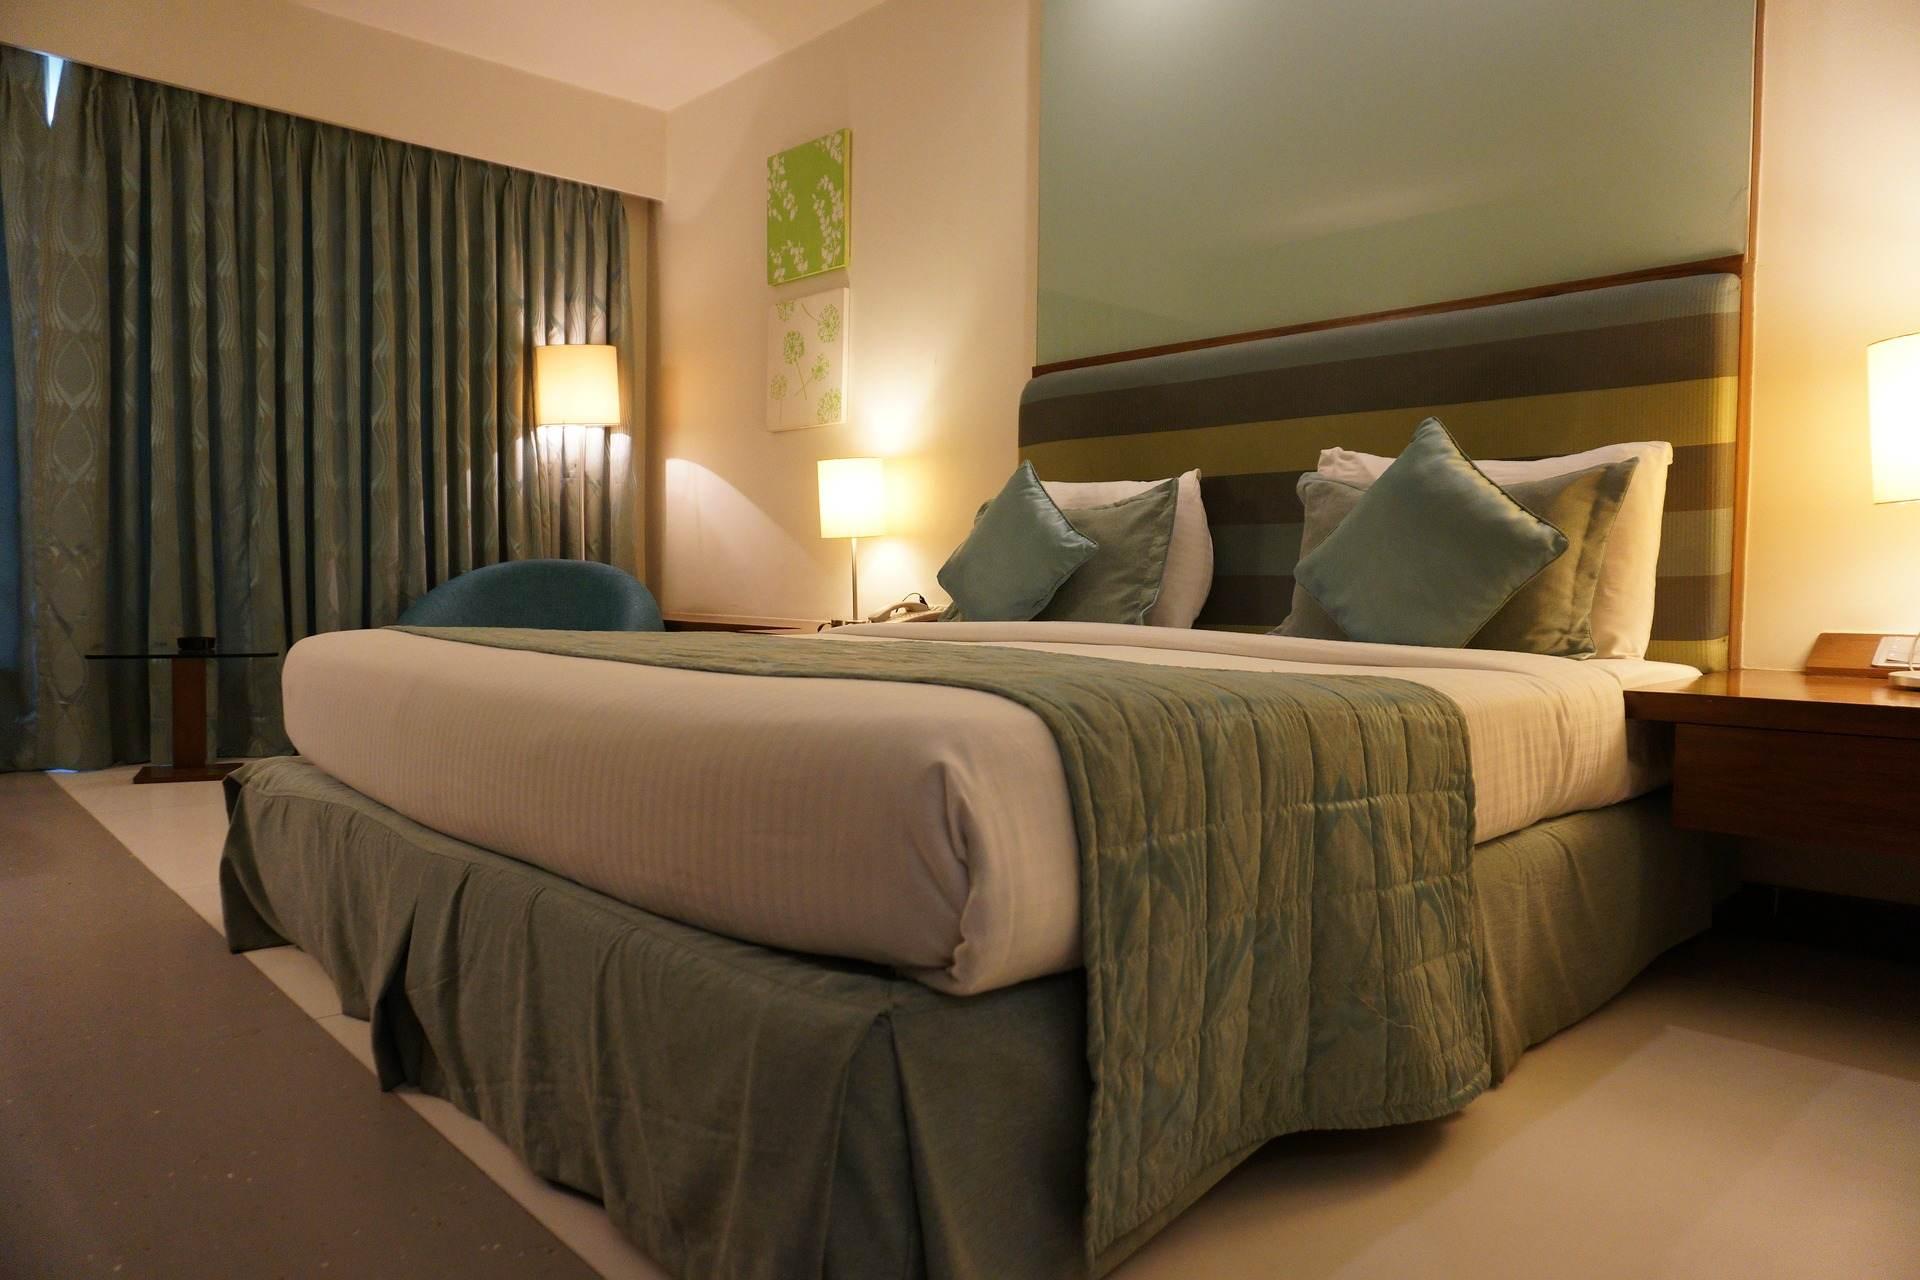 Abażur, klosz czy plafon - co na sufit w sypialni? Porównanie rozwiązań